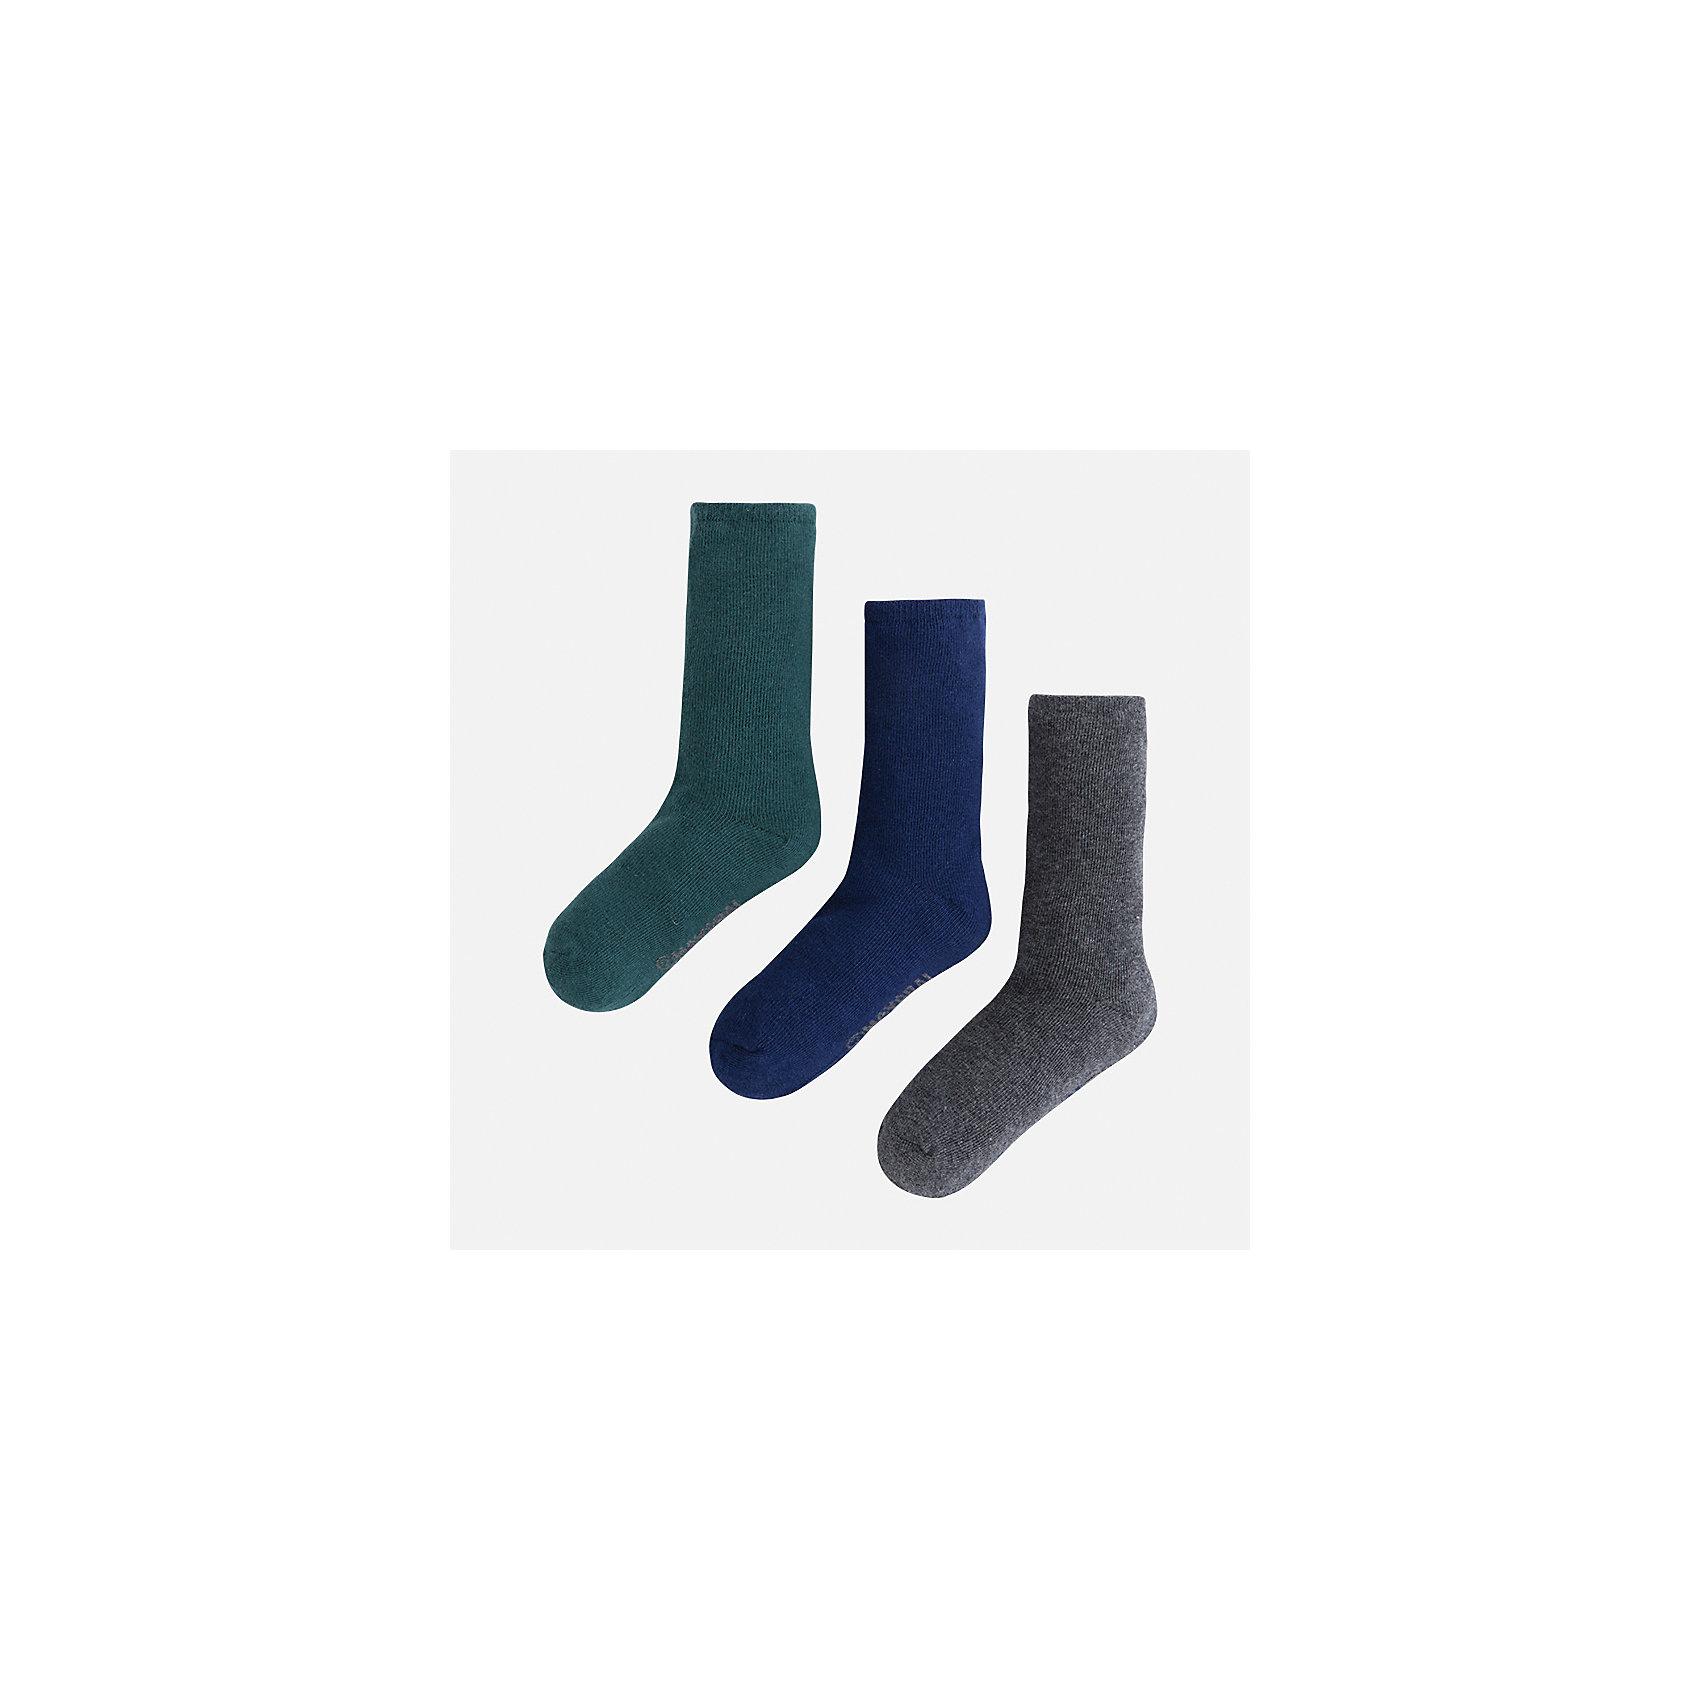 Носки (3 пары) для мальчика MayoralНоски<br>Характеристики товара:<br><br>• цвет: зеленый<br>• состав ткани: 72% хлопок, 25% полиамид, 3% эластан<br>• сезон: круглый год<br>• комплектация: 3 пары<br>• страна бренда: Испания<br>• страна изготовитель: Индия<br><br>Такие детские носки от популярного испанского бренда Mayoral состоят преимущественно из натурального дышащего хлопка. Носки для детей комфортно сидят благодаря мягкой резинке. Для производства детской одежды, в том числе и носков для детей, популярный бренд Mayoral используют только качественную фурнитуру и материалы. Оригинальные и модные вещи от Майорал неизменно привлекают внимание и нравятся детям.<br><br>Носки (3 пары) для мальчика Mayoral (Майорал) можно купить в нашем интернет-магазине.<br><br>Ширина мм: 87<br>Глубина мм: 10<br>Высота мм: 105<br>Вес г: 115<br>Цвет: зеленый<br>Возраст от месяцев: 96<br>Возраст до месяцев: 108<br>Пол: Мужской<br>Возраст: Детский<br>Размер: 33-35,24-26,27-29,30-32<br>SKU: 6939180